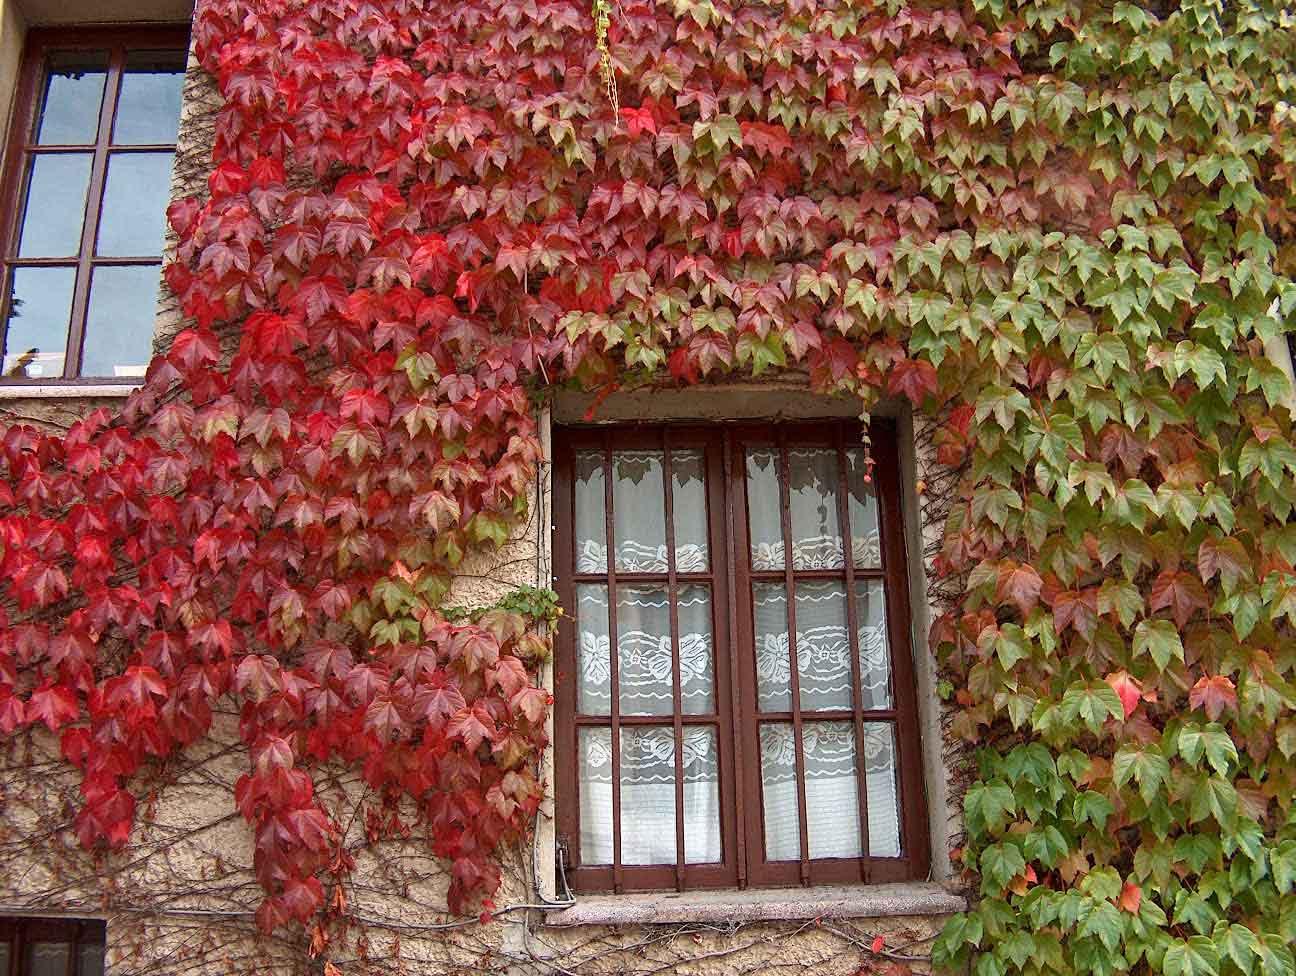 Arte y jardiner a plantas trepadoras en el jardin for Plantas trepadoras para muros